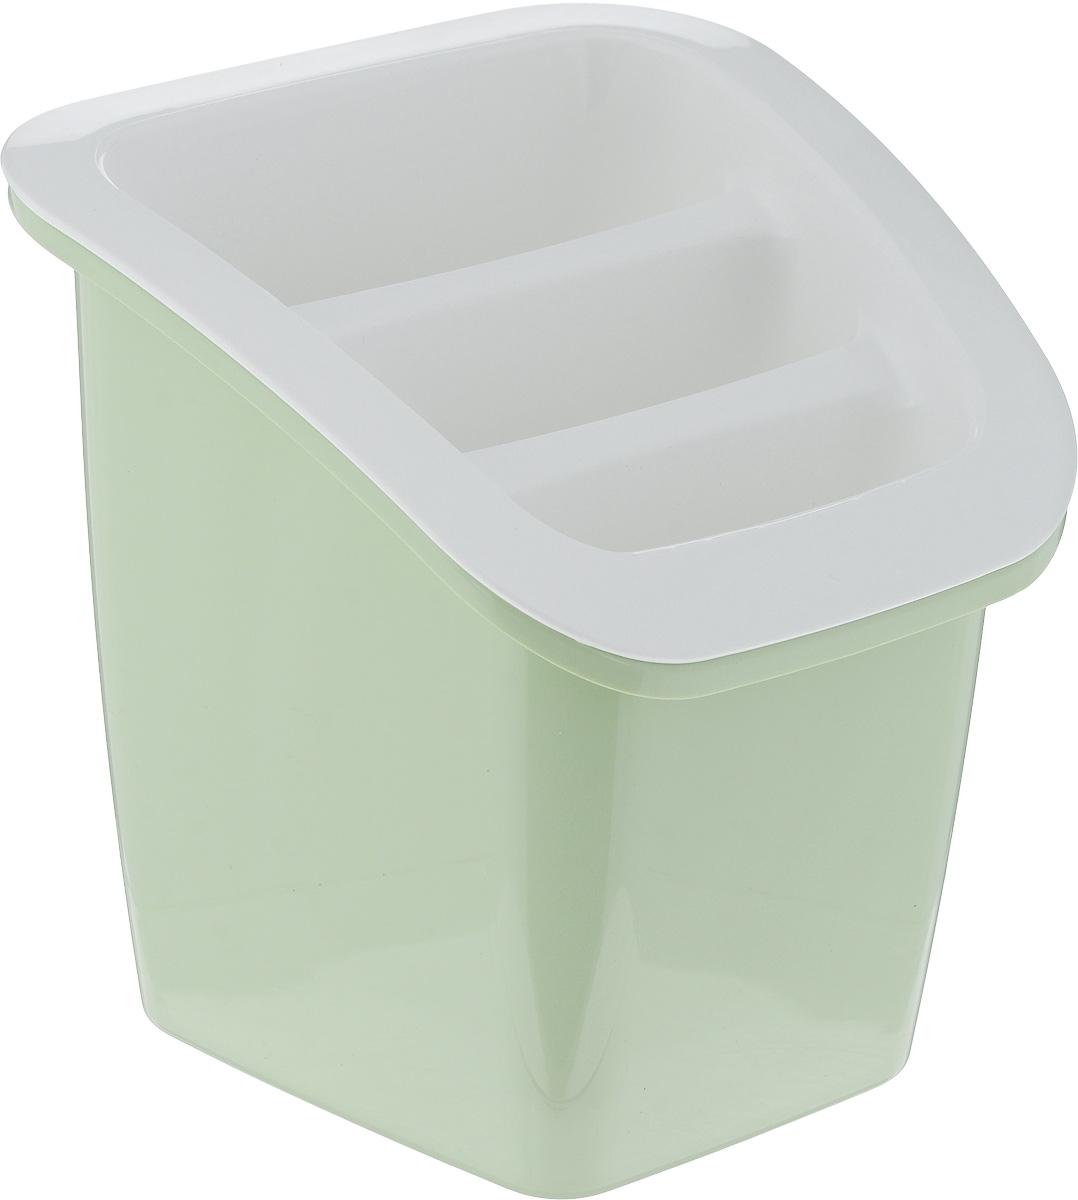 Подставка для столовых приборов Herevin, цвет: оливковый, белый, 17,5 х 18 х 18 см161235-500_оливковый, белыйПодставка для столовых приборов Herevin, выполненная из прочного пластика, состоит из двух частей - верхняя съемная. Изделие имеет 3 продолговатые секции для хранения различных столовых приборов. Внизу секции оснащены отверстиями для стока жидкости. Такая подставка не только позволит аккуратно хранить столовые приборы, но и красиво дополнит интерьер кухни.